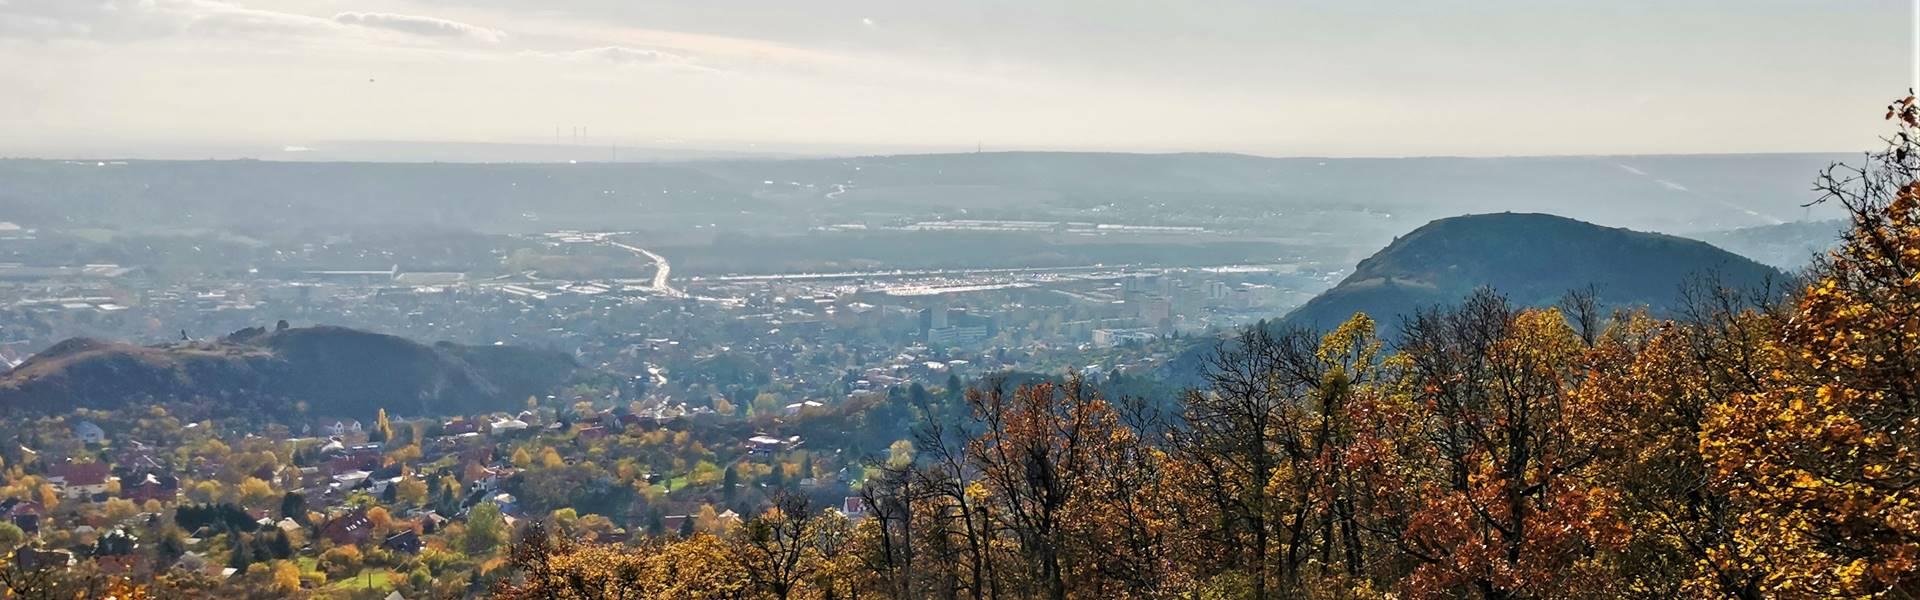 Csillebérc- Frank-hegyi turistaház túra